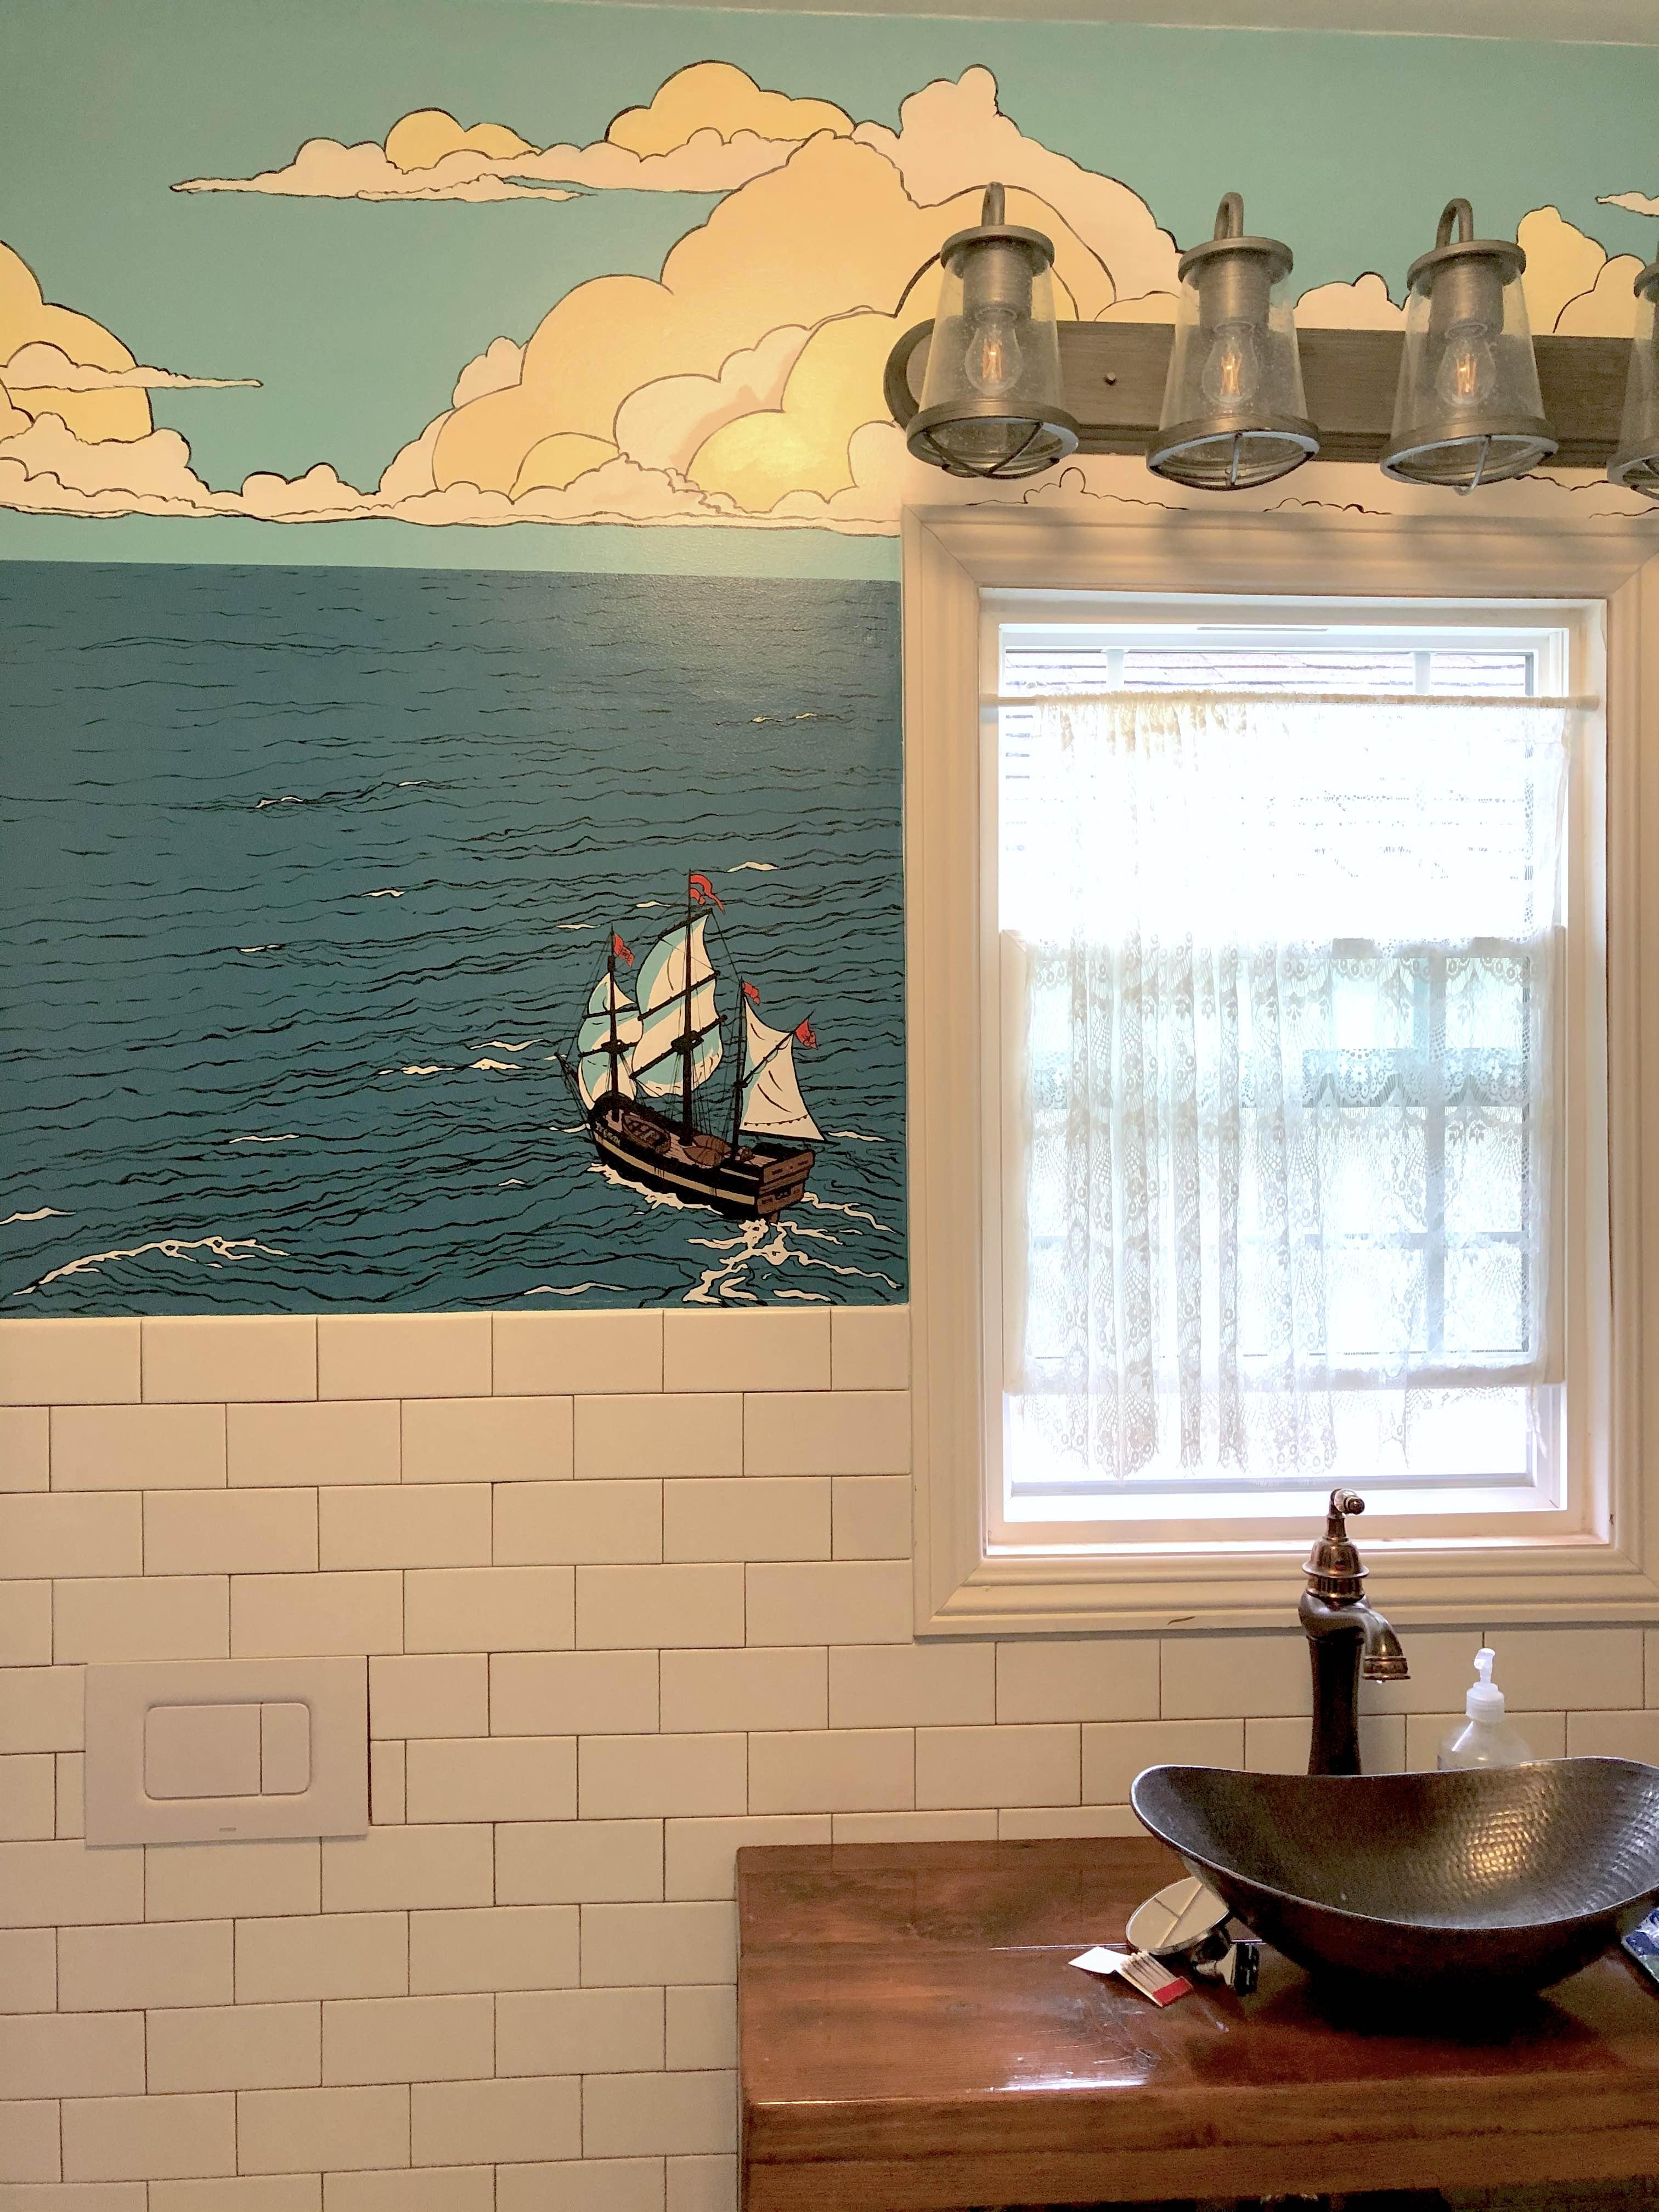 mural-23